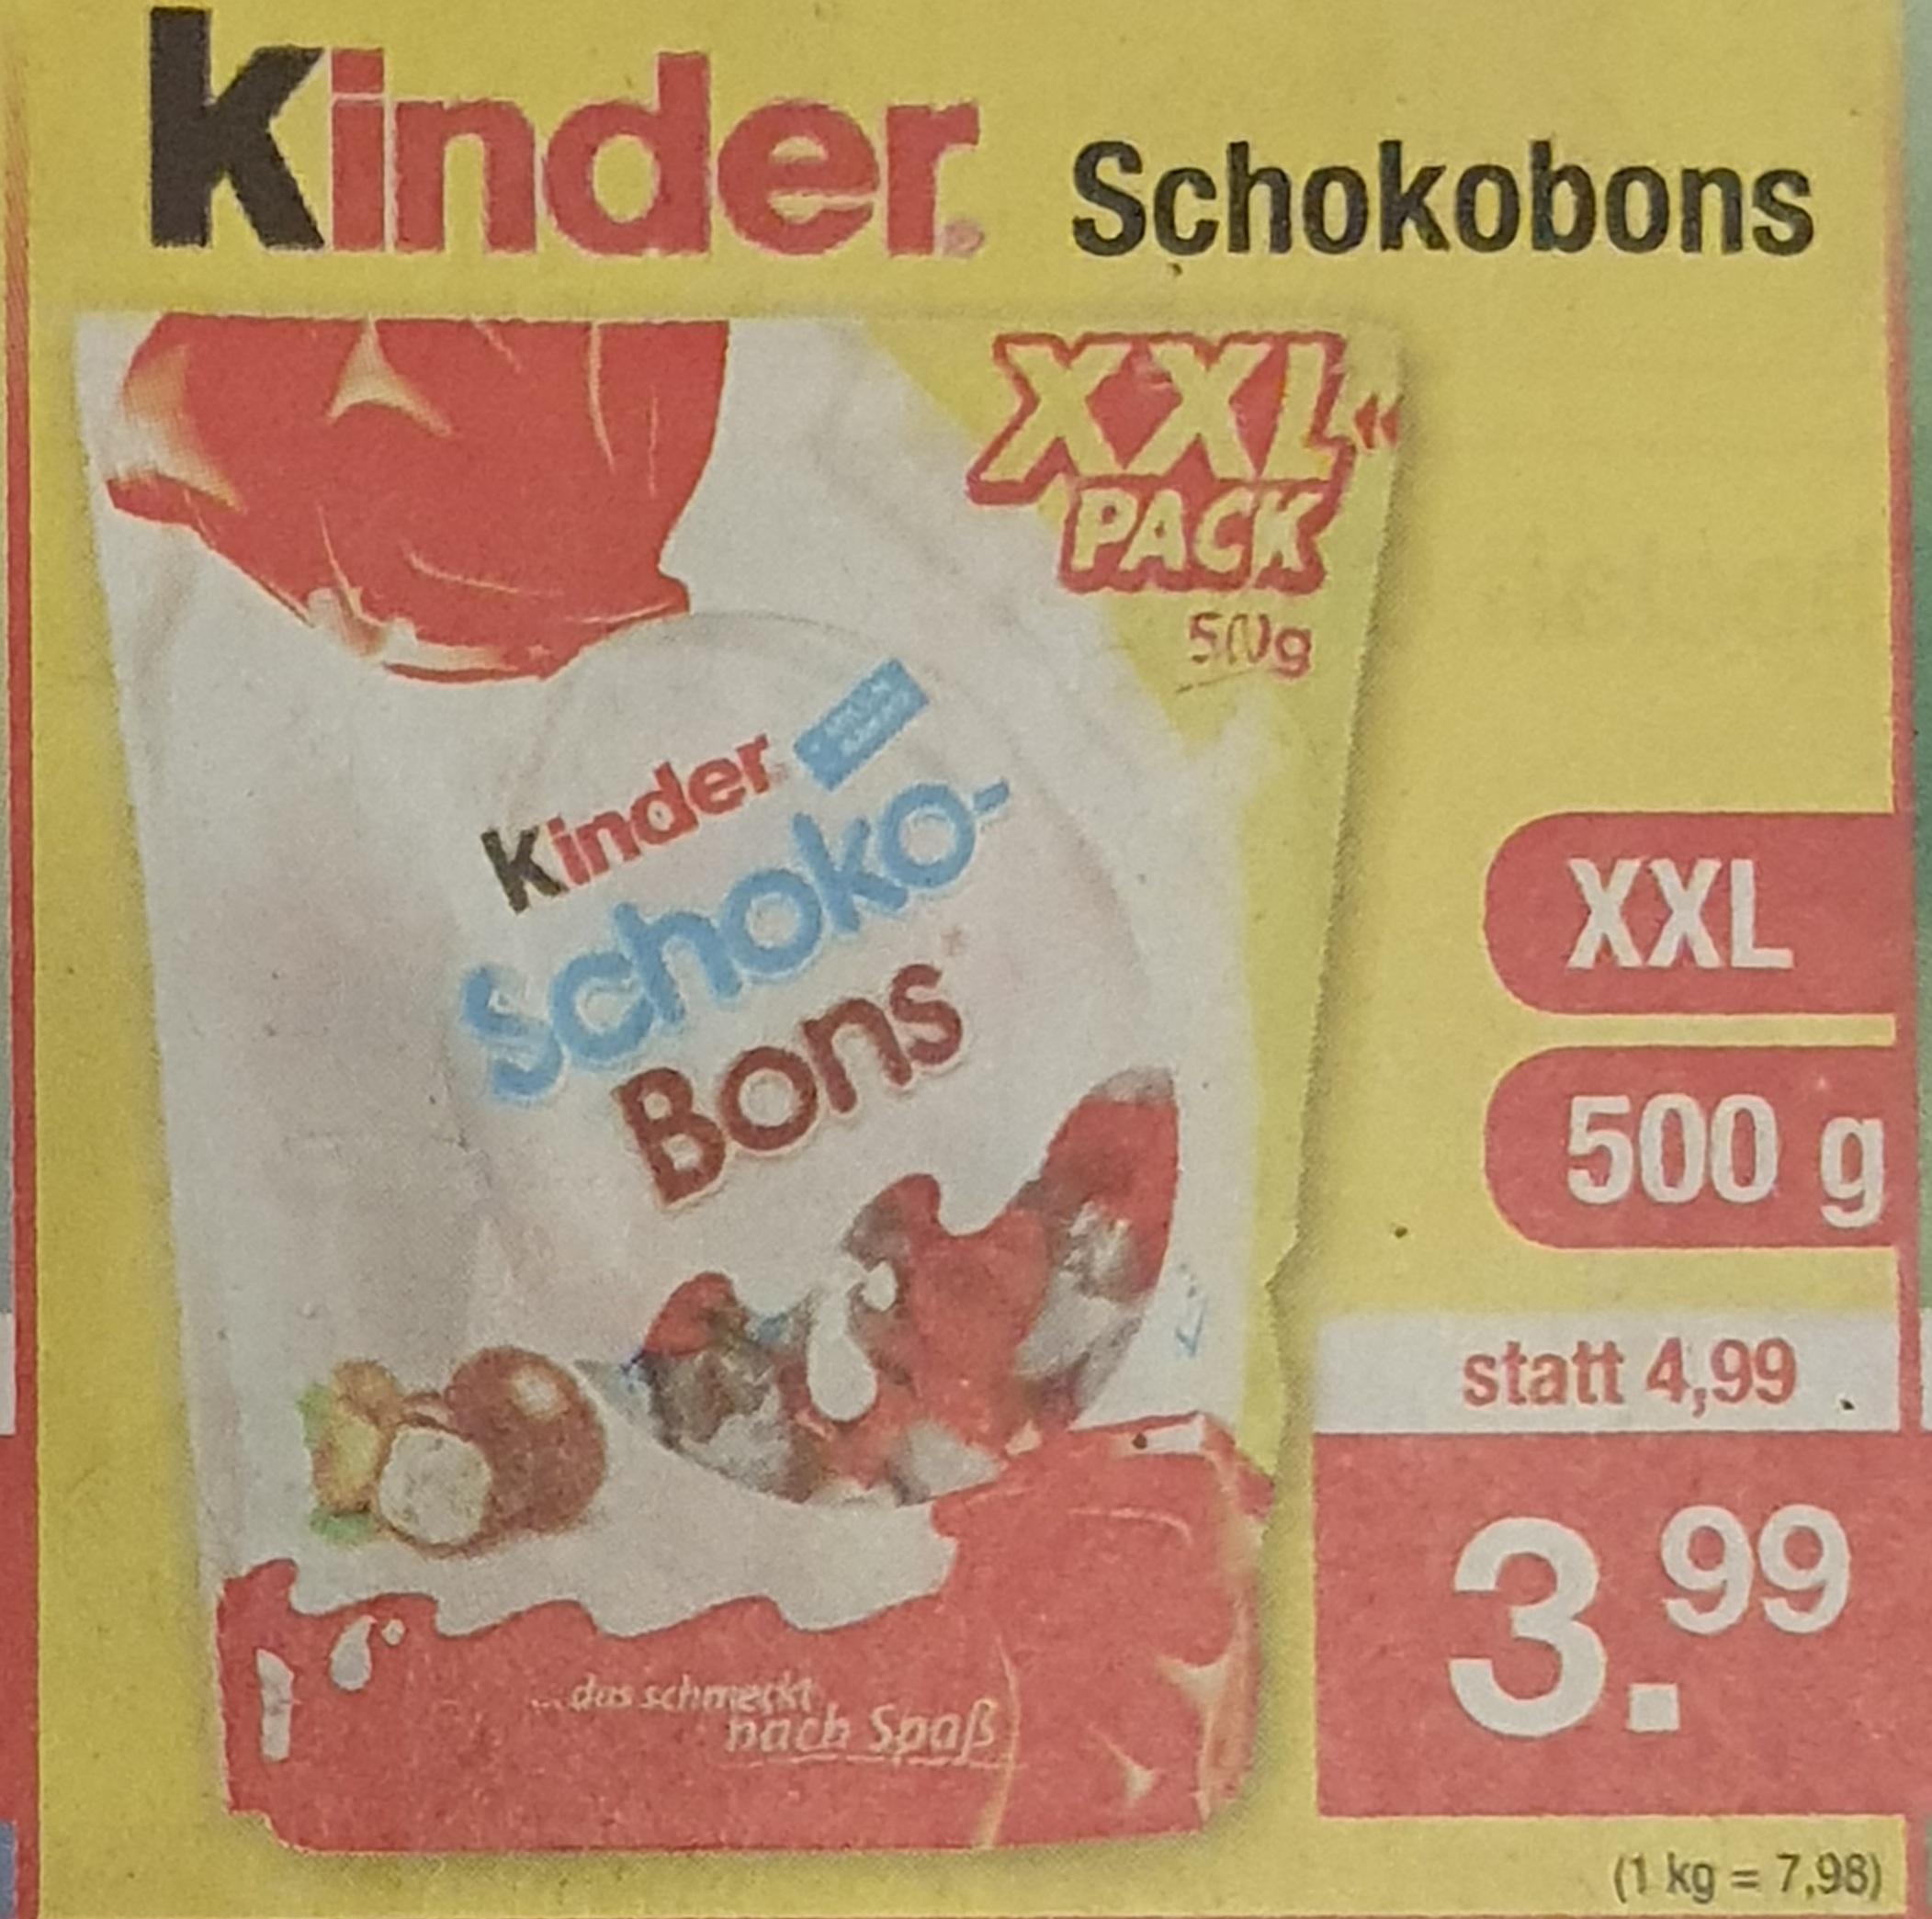 500g Kinder Schoko-Bons offline@Zimmermann Sonderposten